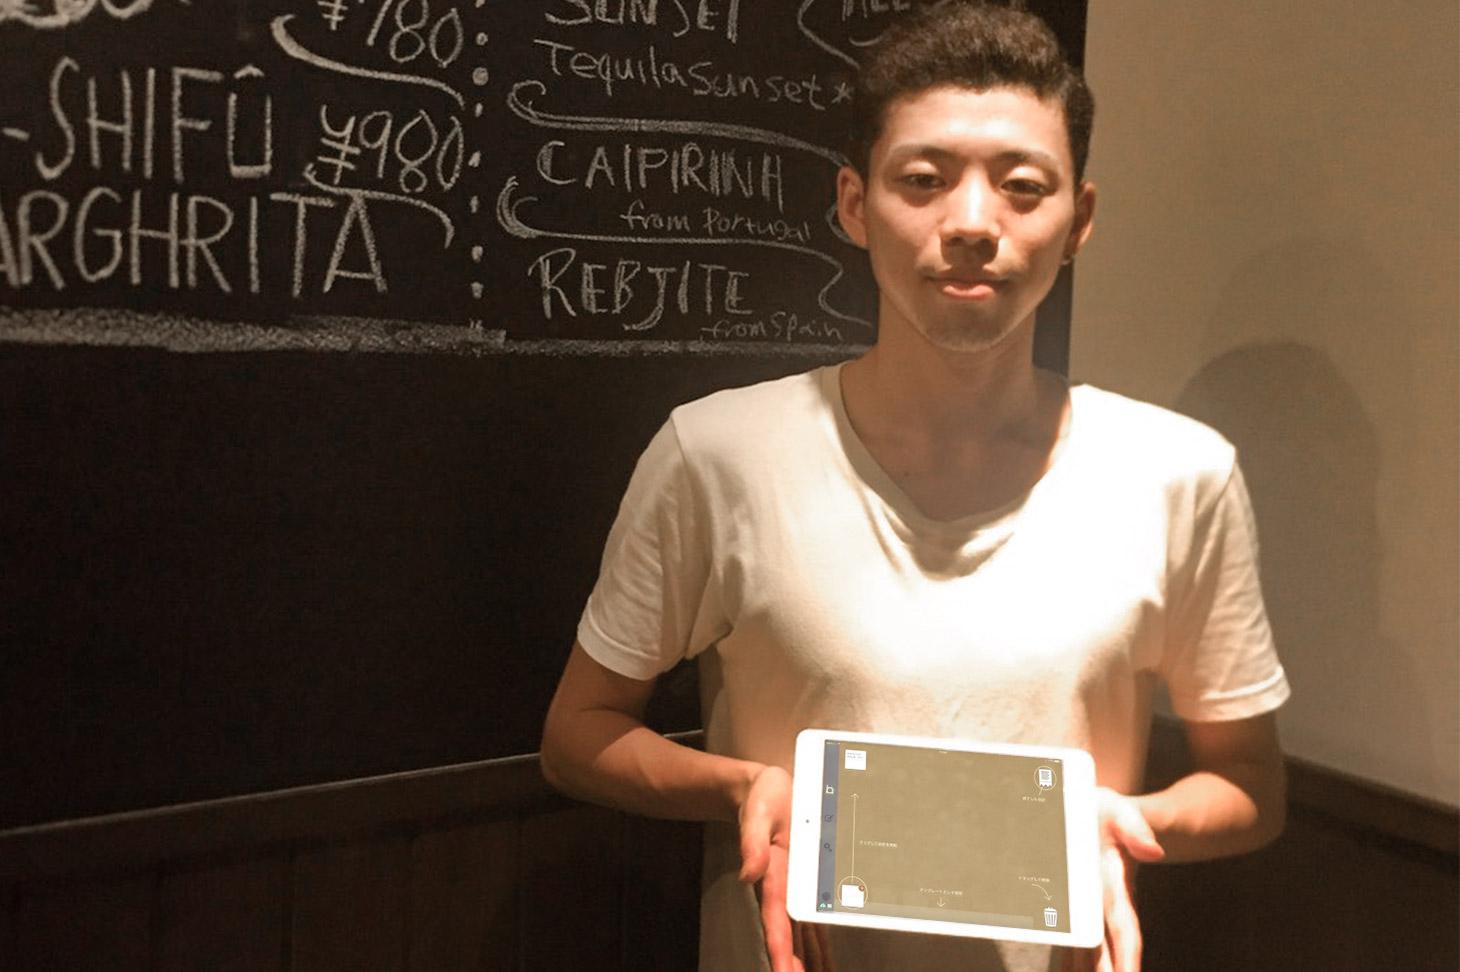 iPad POSレジ「ユビレジ」をもつスタッフ様